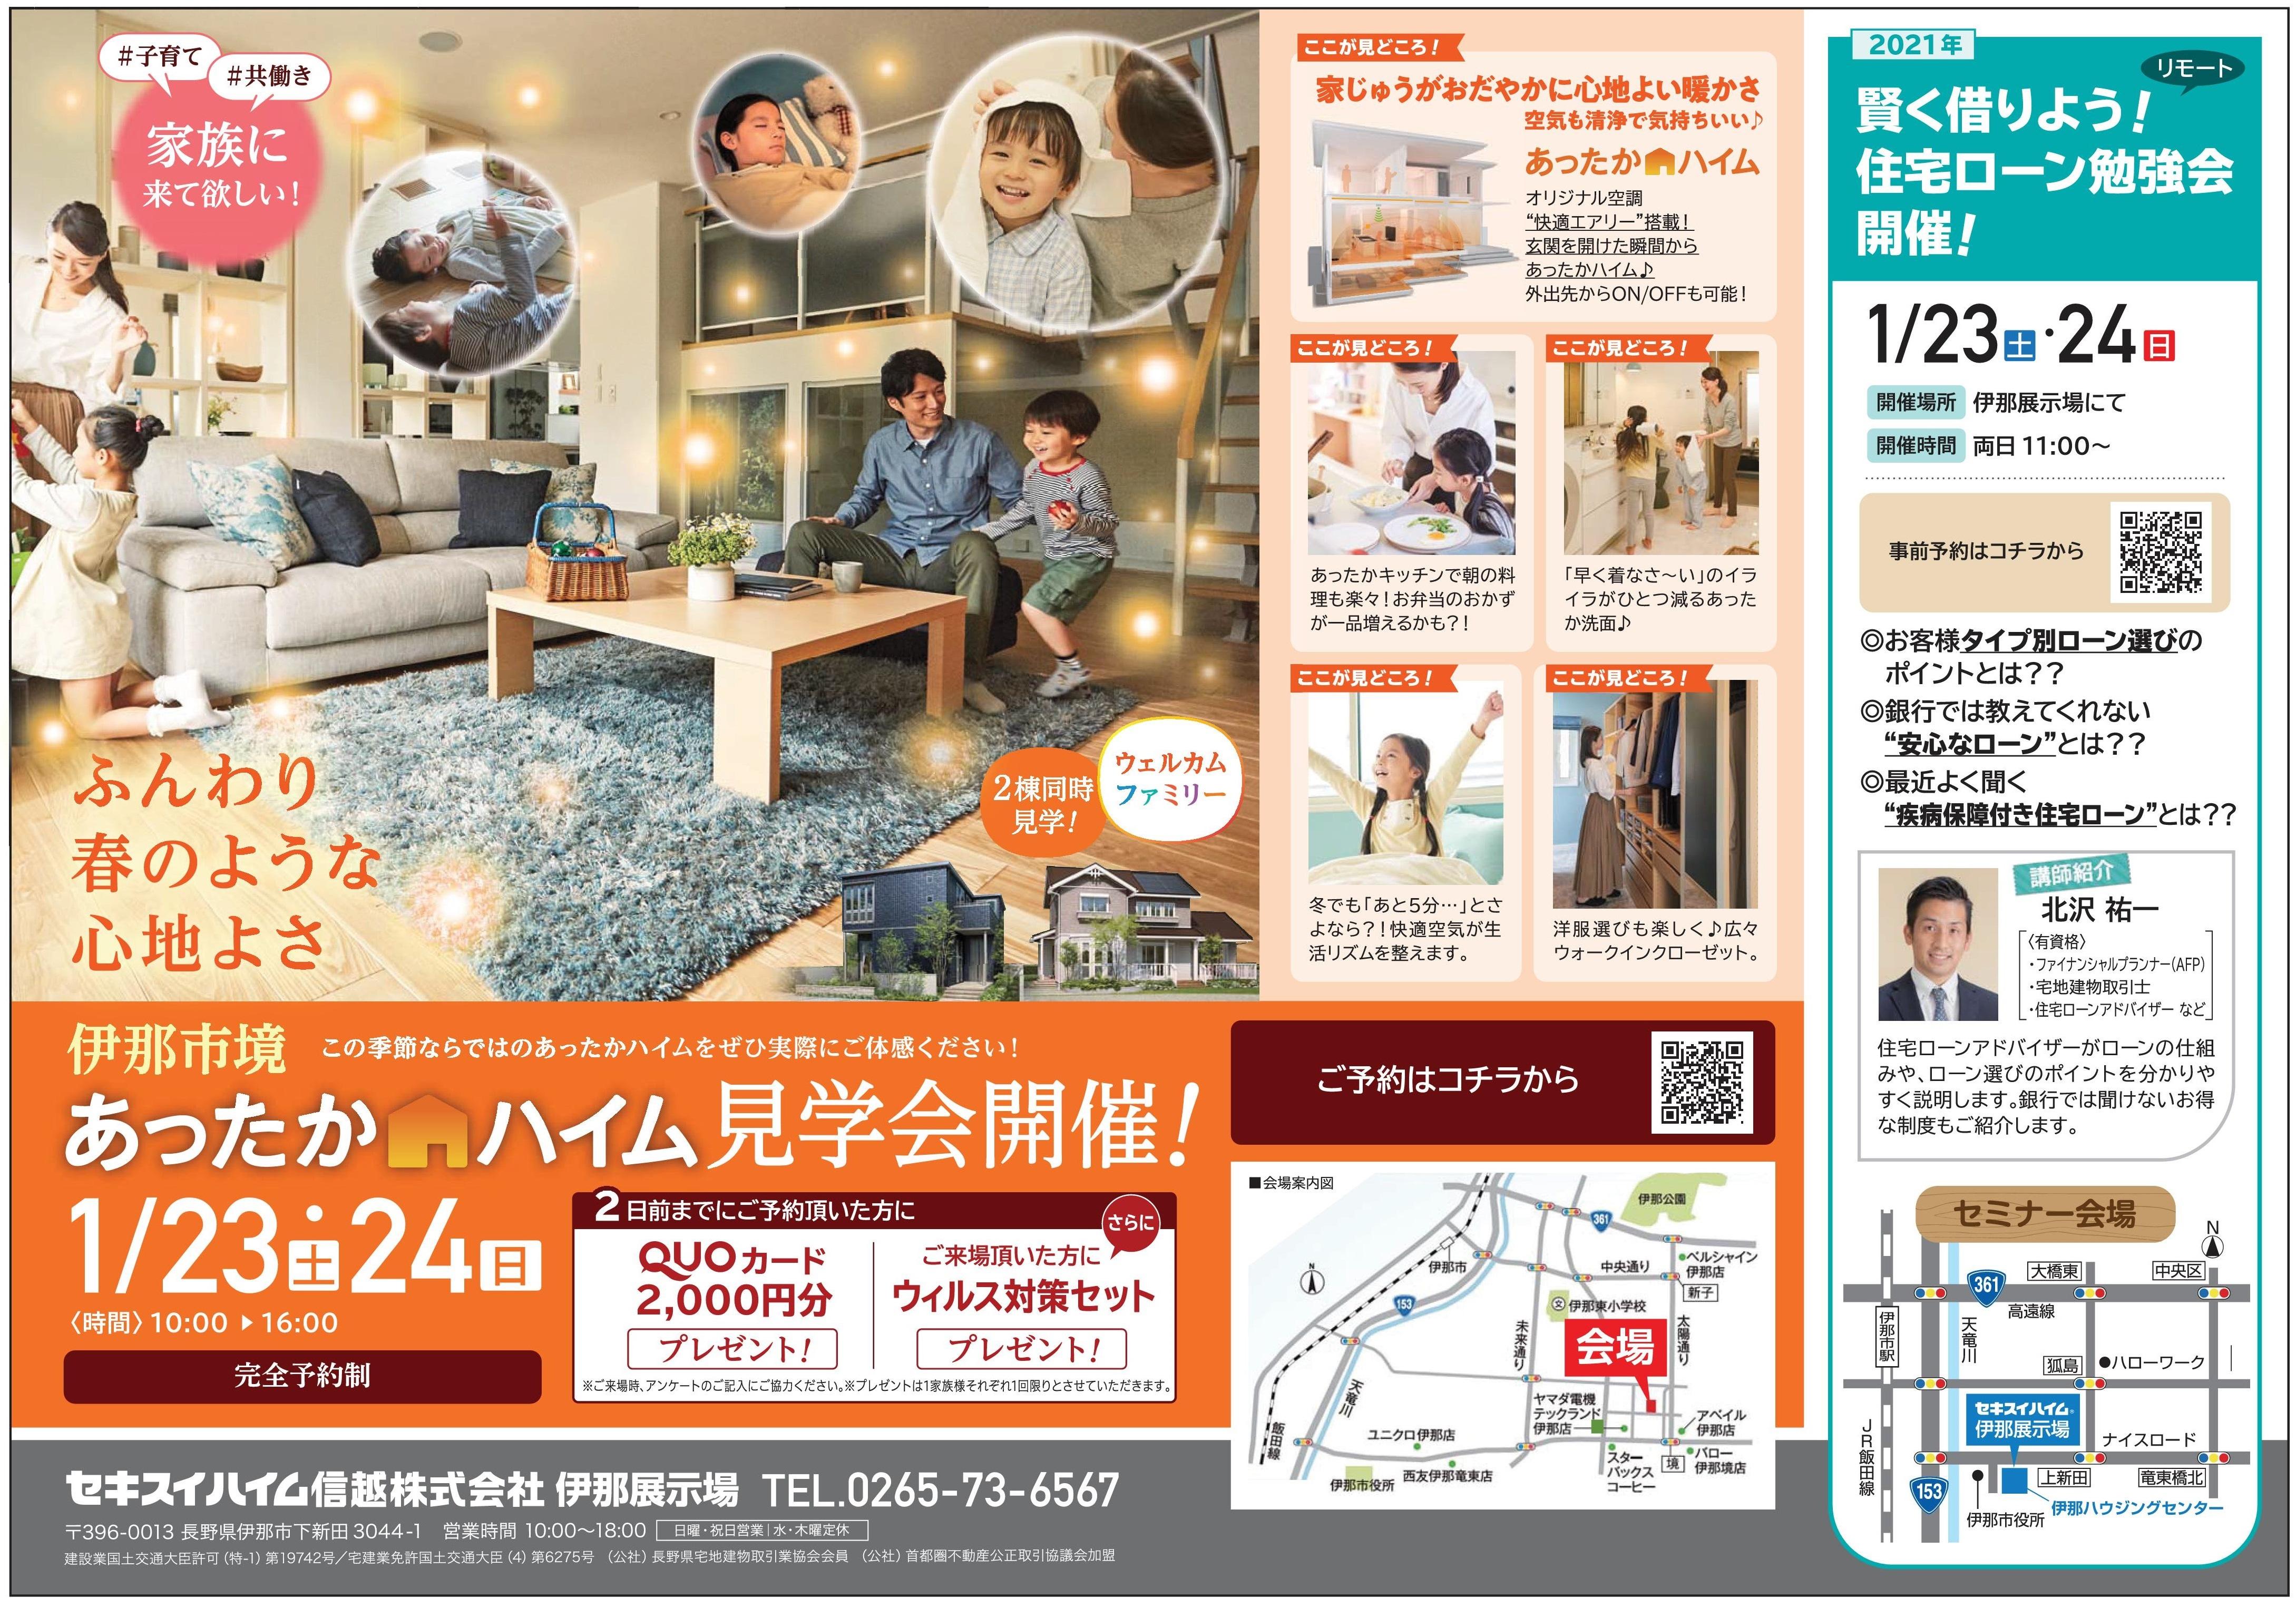 【伊那市境】あったかハイム見学会開催! 1/23(土)・24(日) 予約制